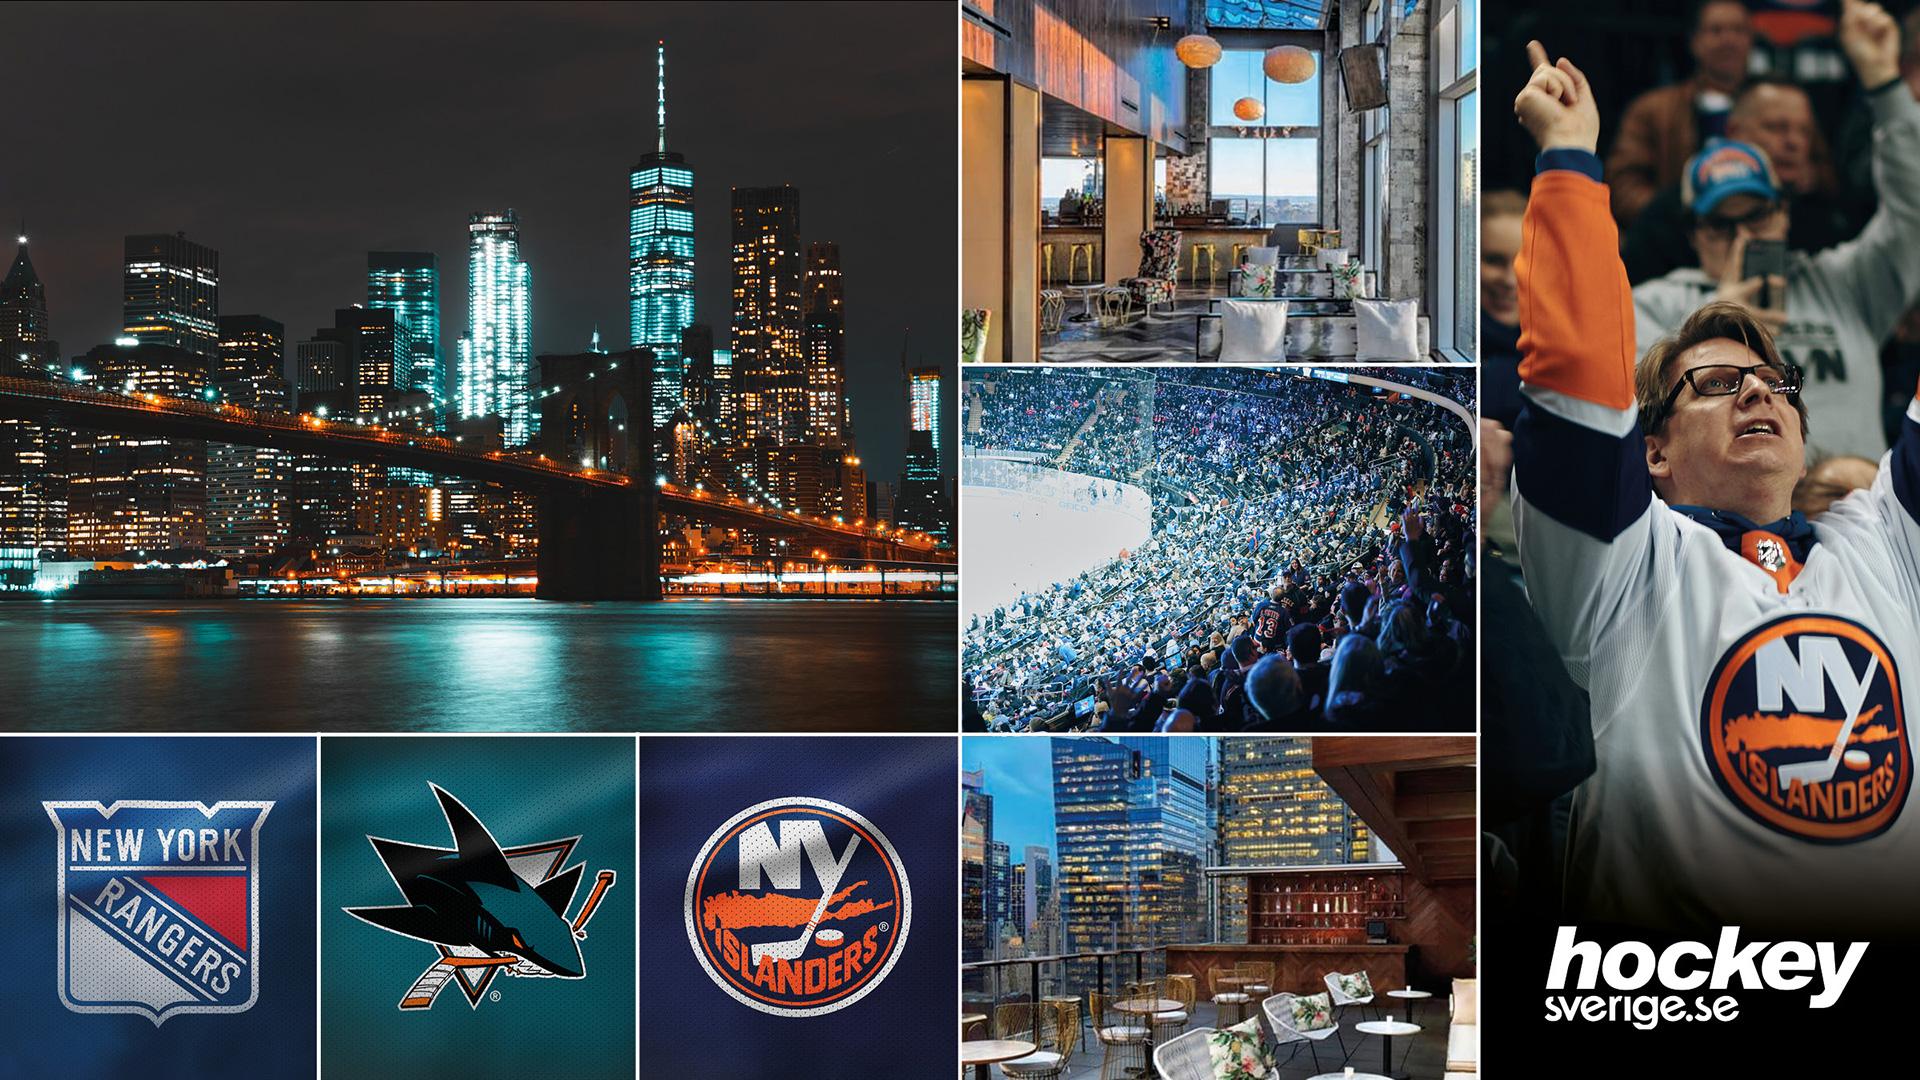 NHL-resa New York med Hockeysverige - 21-27 februari 2020 | Direktflyg med SAS t/r, boende fem nätter på Doubletree Hilton Times Square West centralt på Manhattan, stadsrundtur, tre betalda upplevelser och två supermatcher från NHL väntar resenärerna på den här hockeyresan till New York.